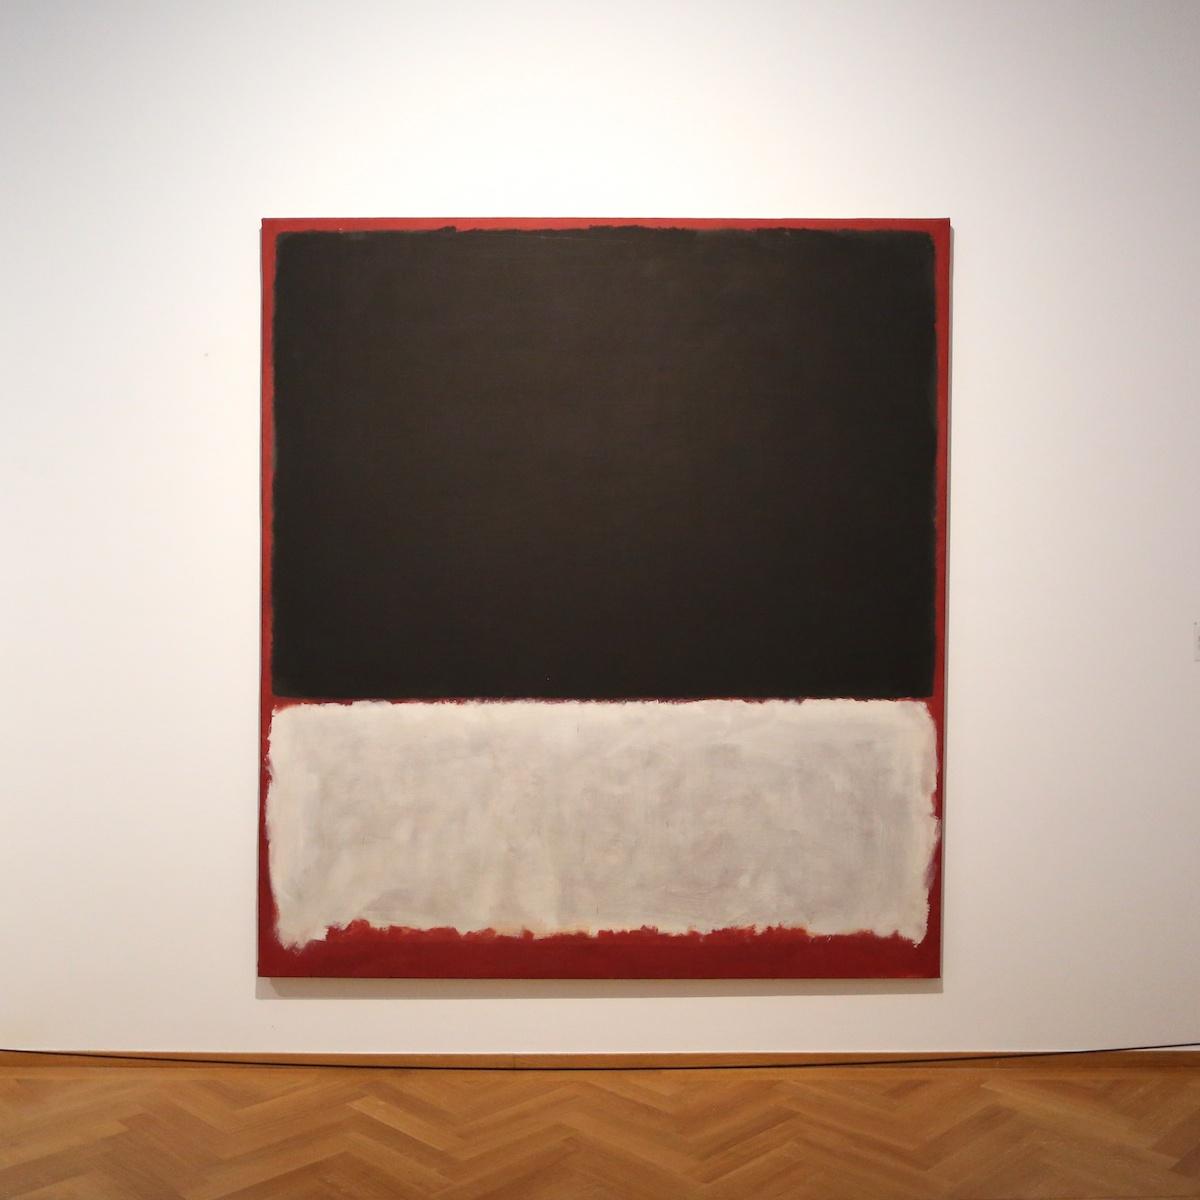 Mark Rothko x Gemeentemuseum Den Haag © Pulp Collectors  21